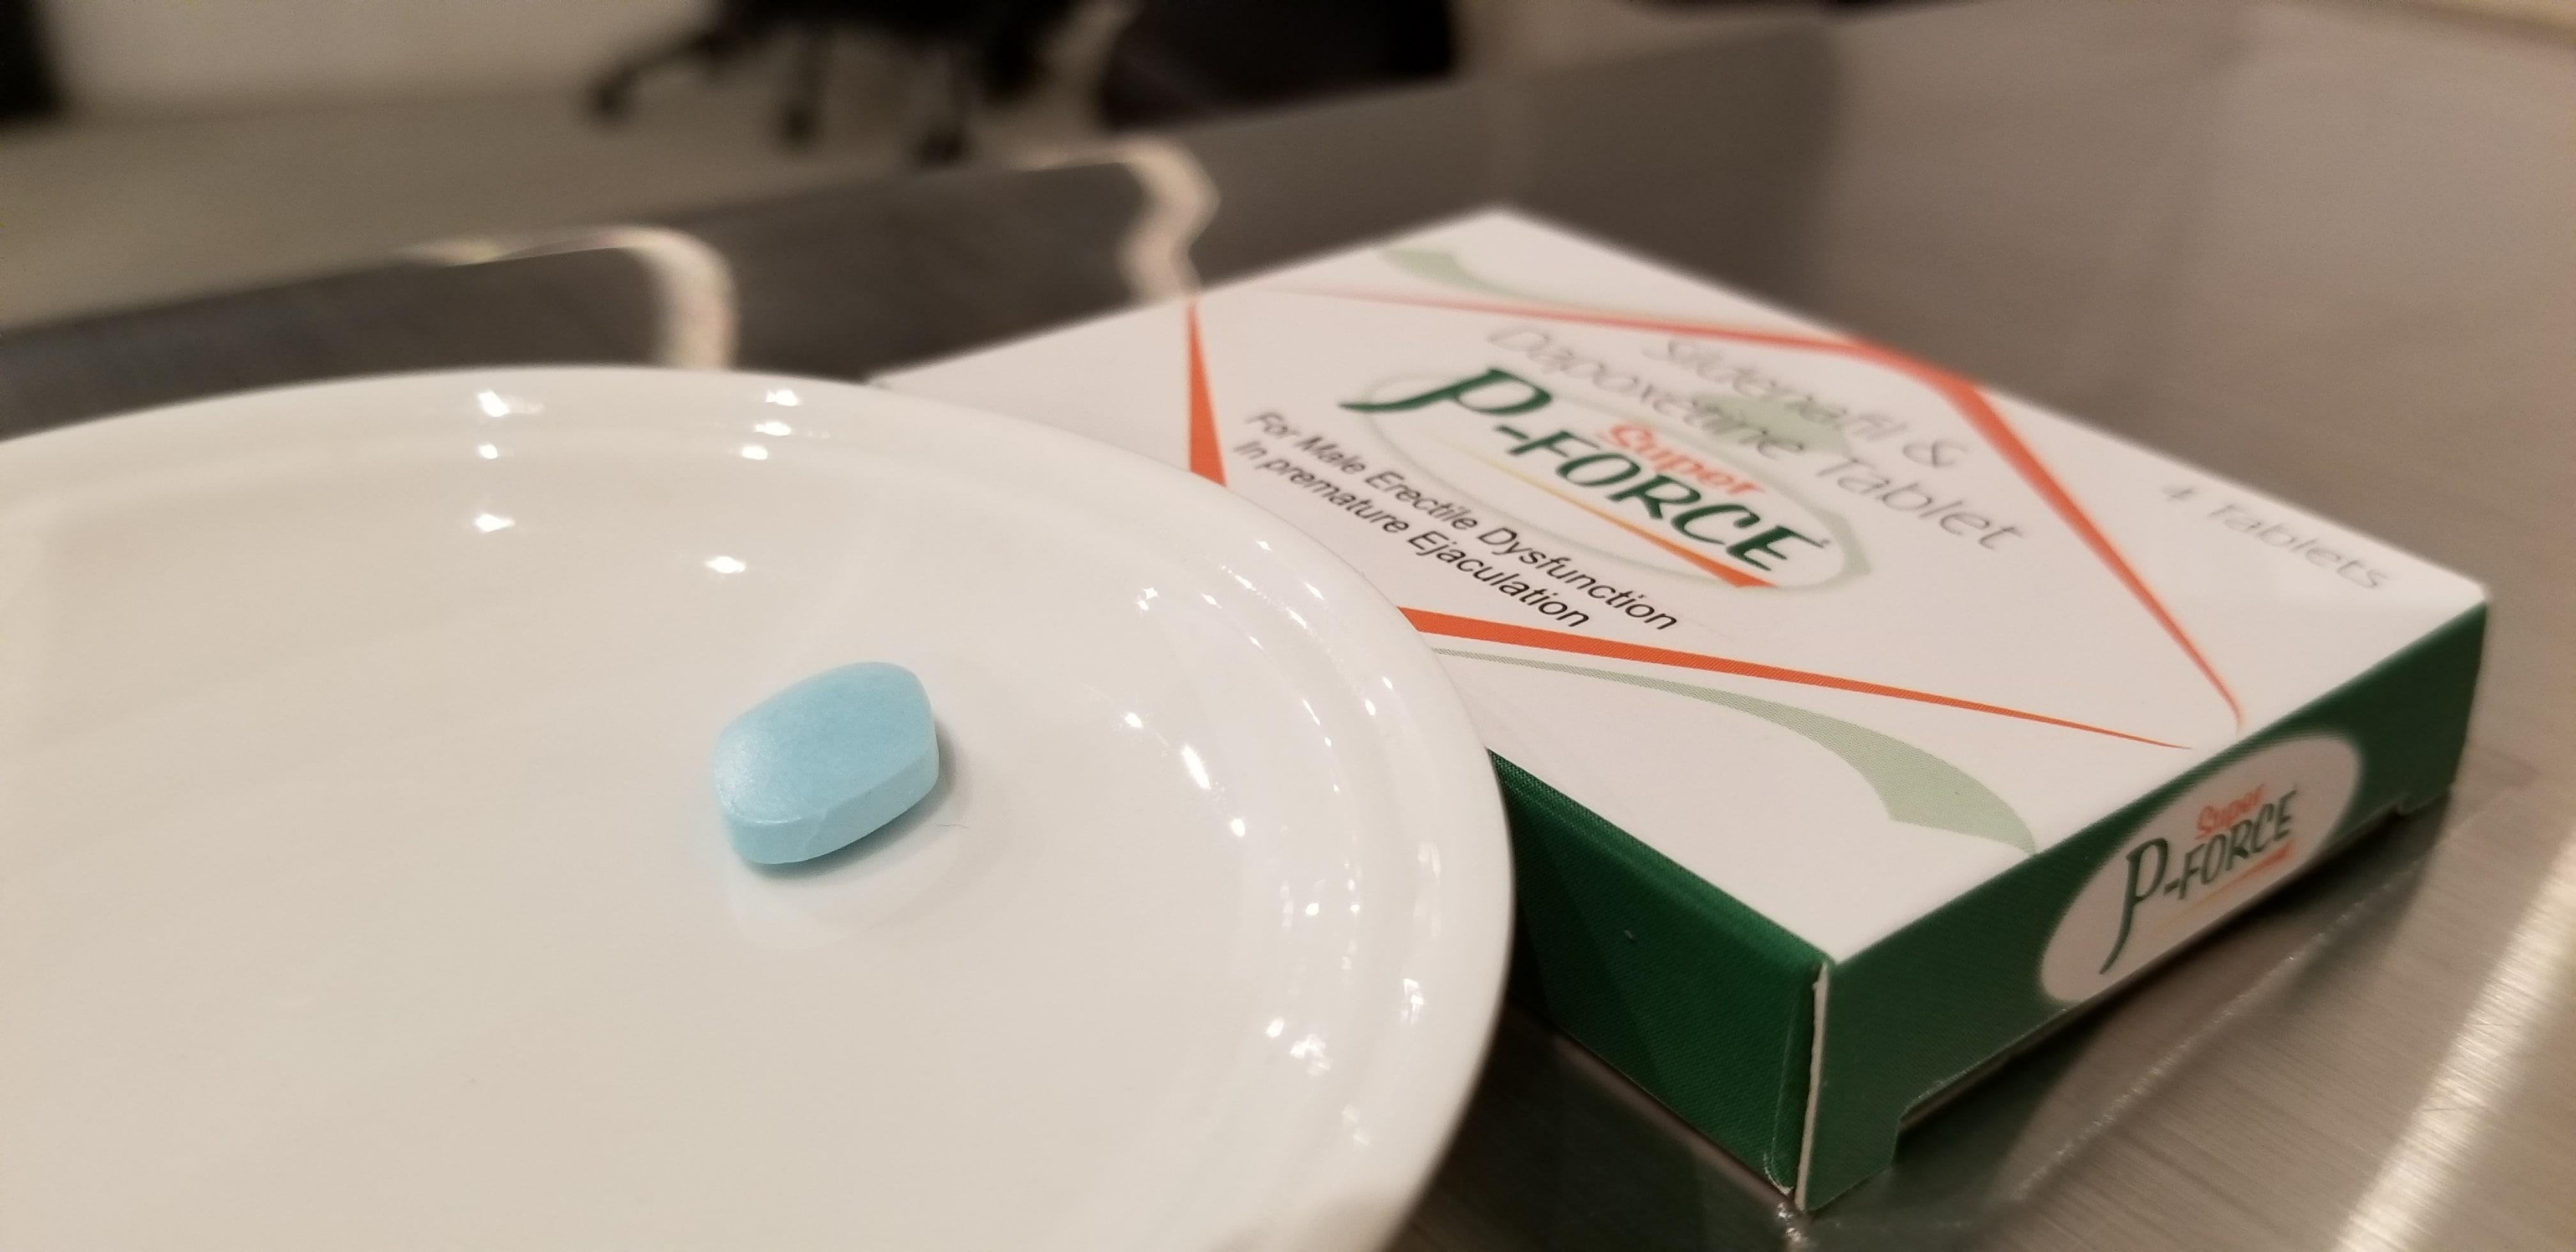 スーパーPフォースの錠剤